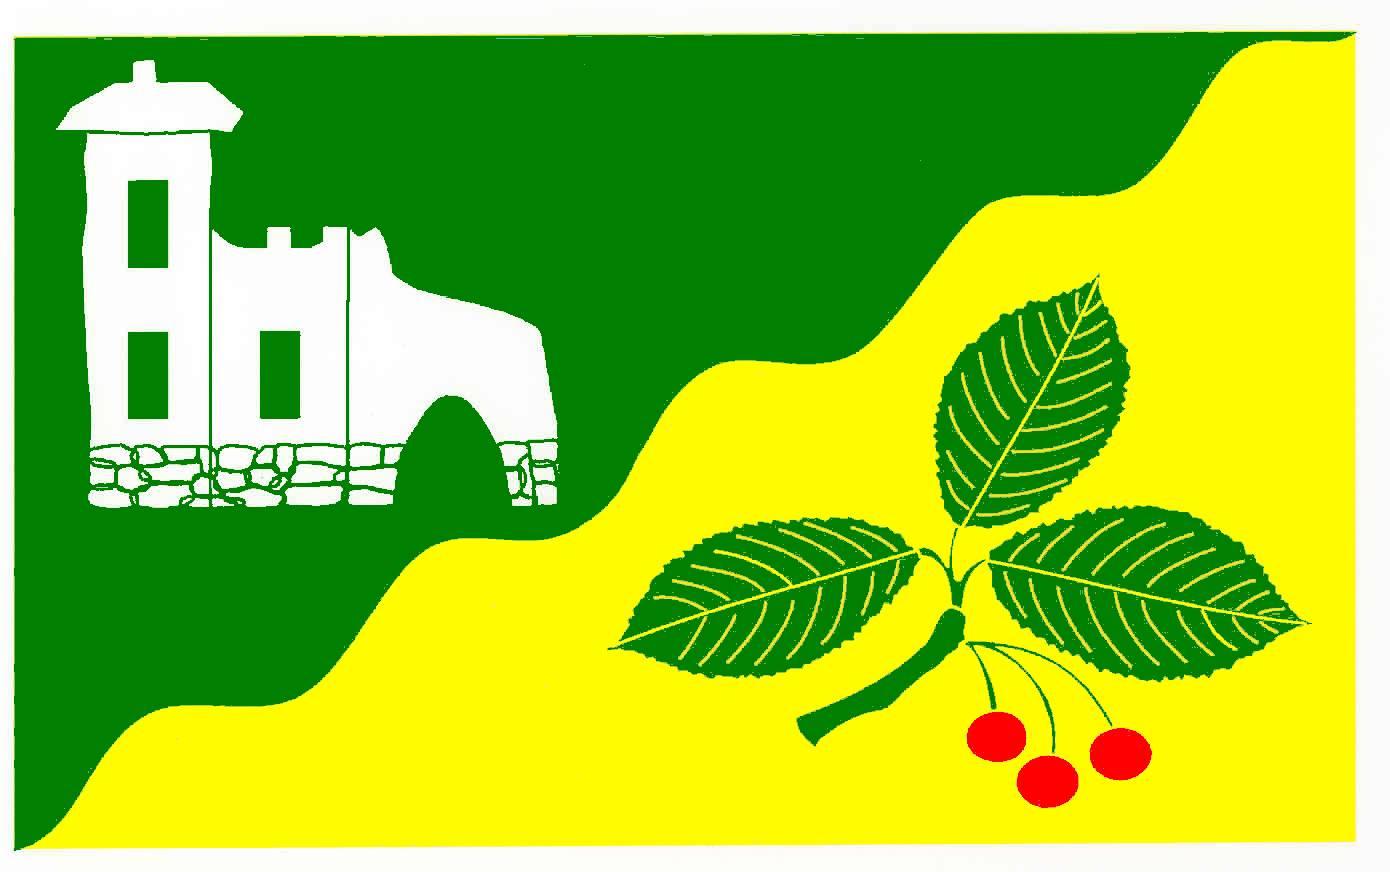 Flagge GemeindeKasseburg, Kreis Herzogtum Lauenburg